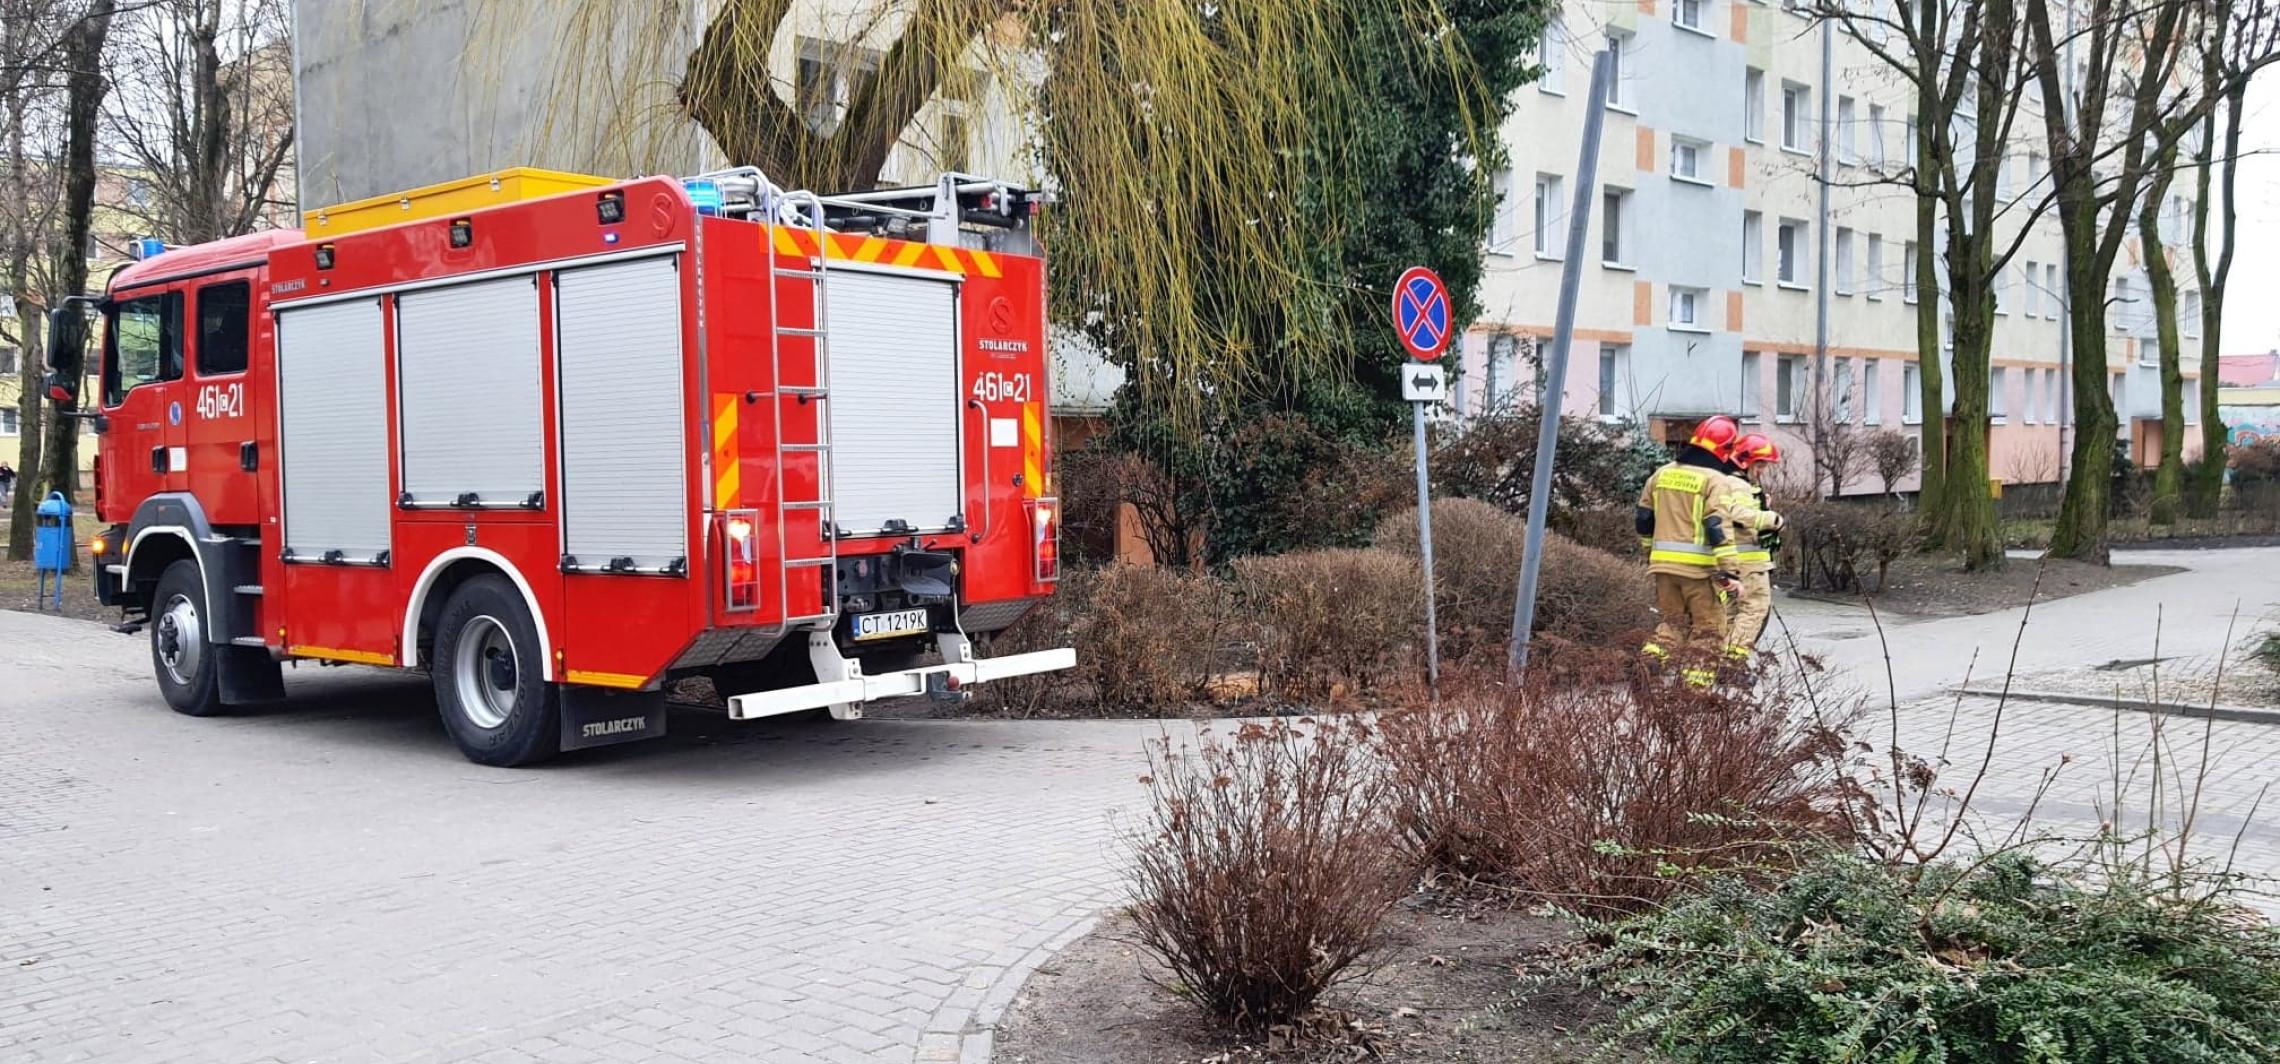 Inowrocław - Interwencja strażaków na Łokietka. Co się stało?